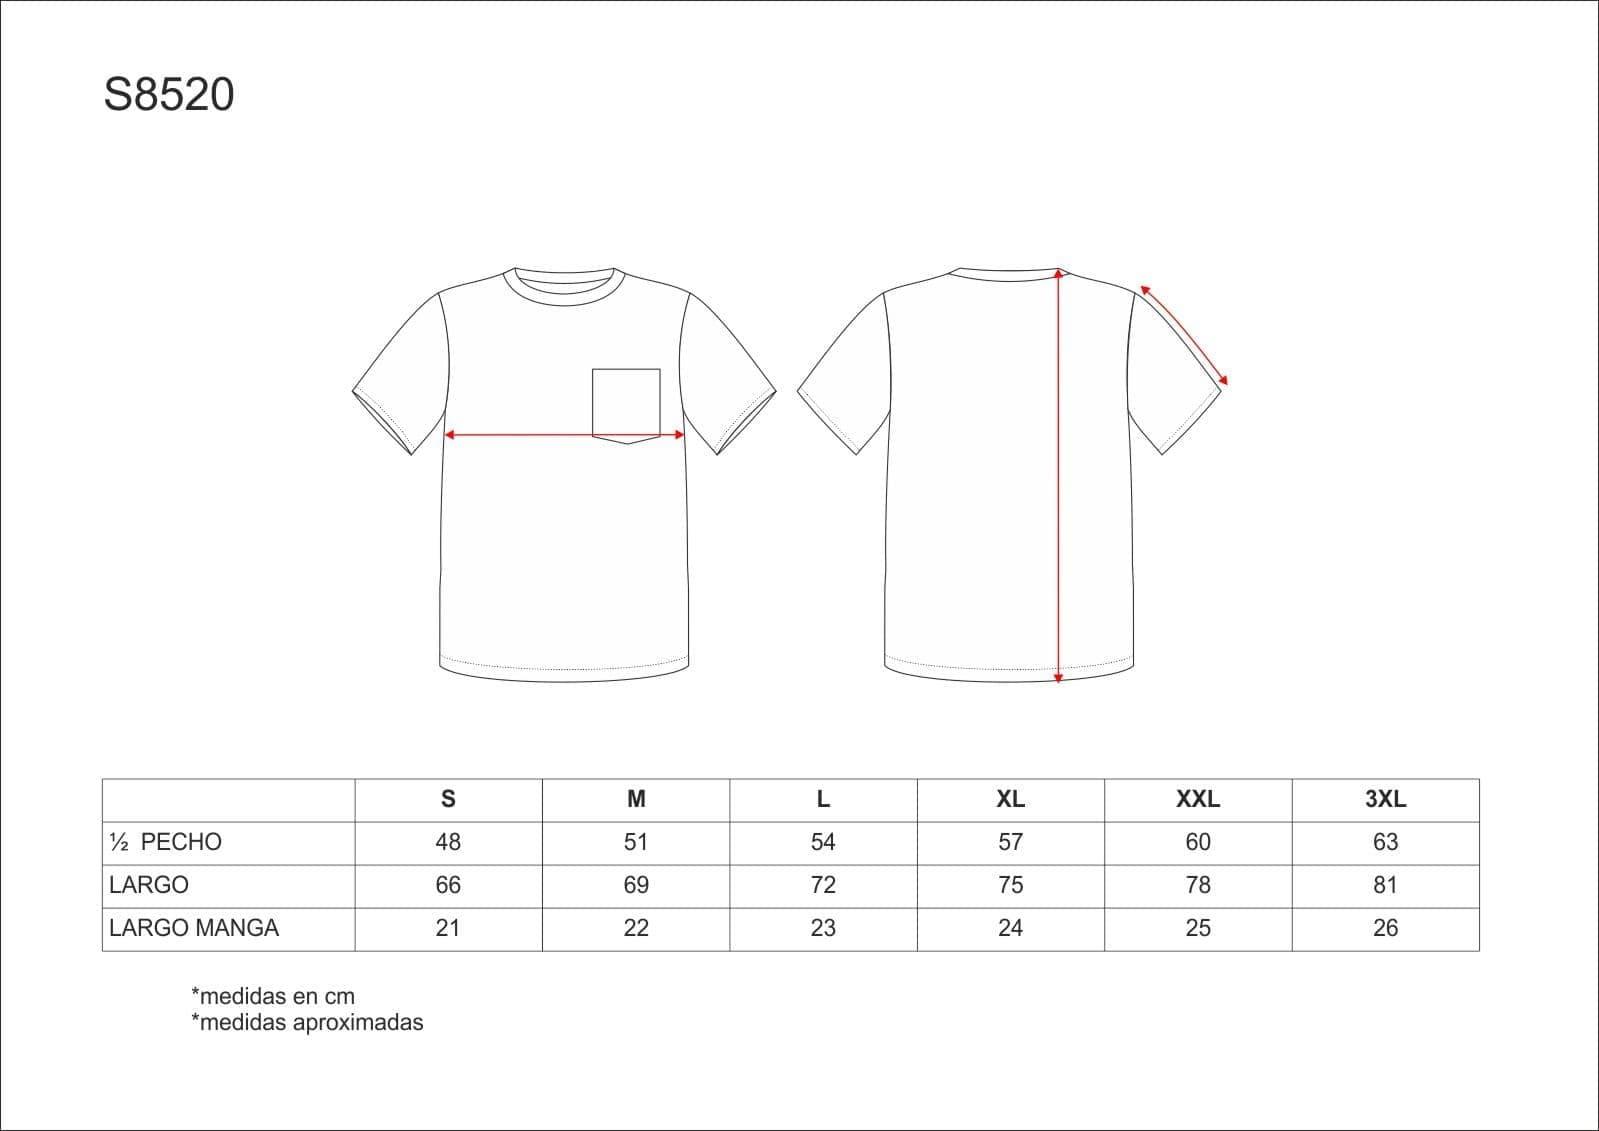 dd877f89e38 Descripción. Camiseta de manga corta en algodón con estampado de camuflaje.